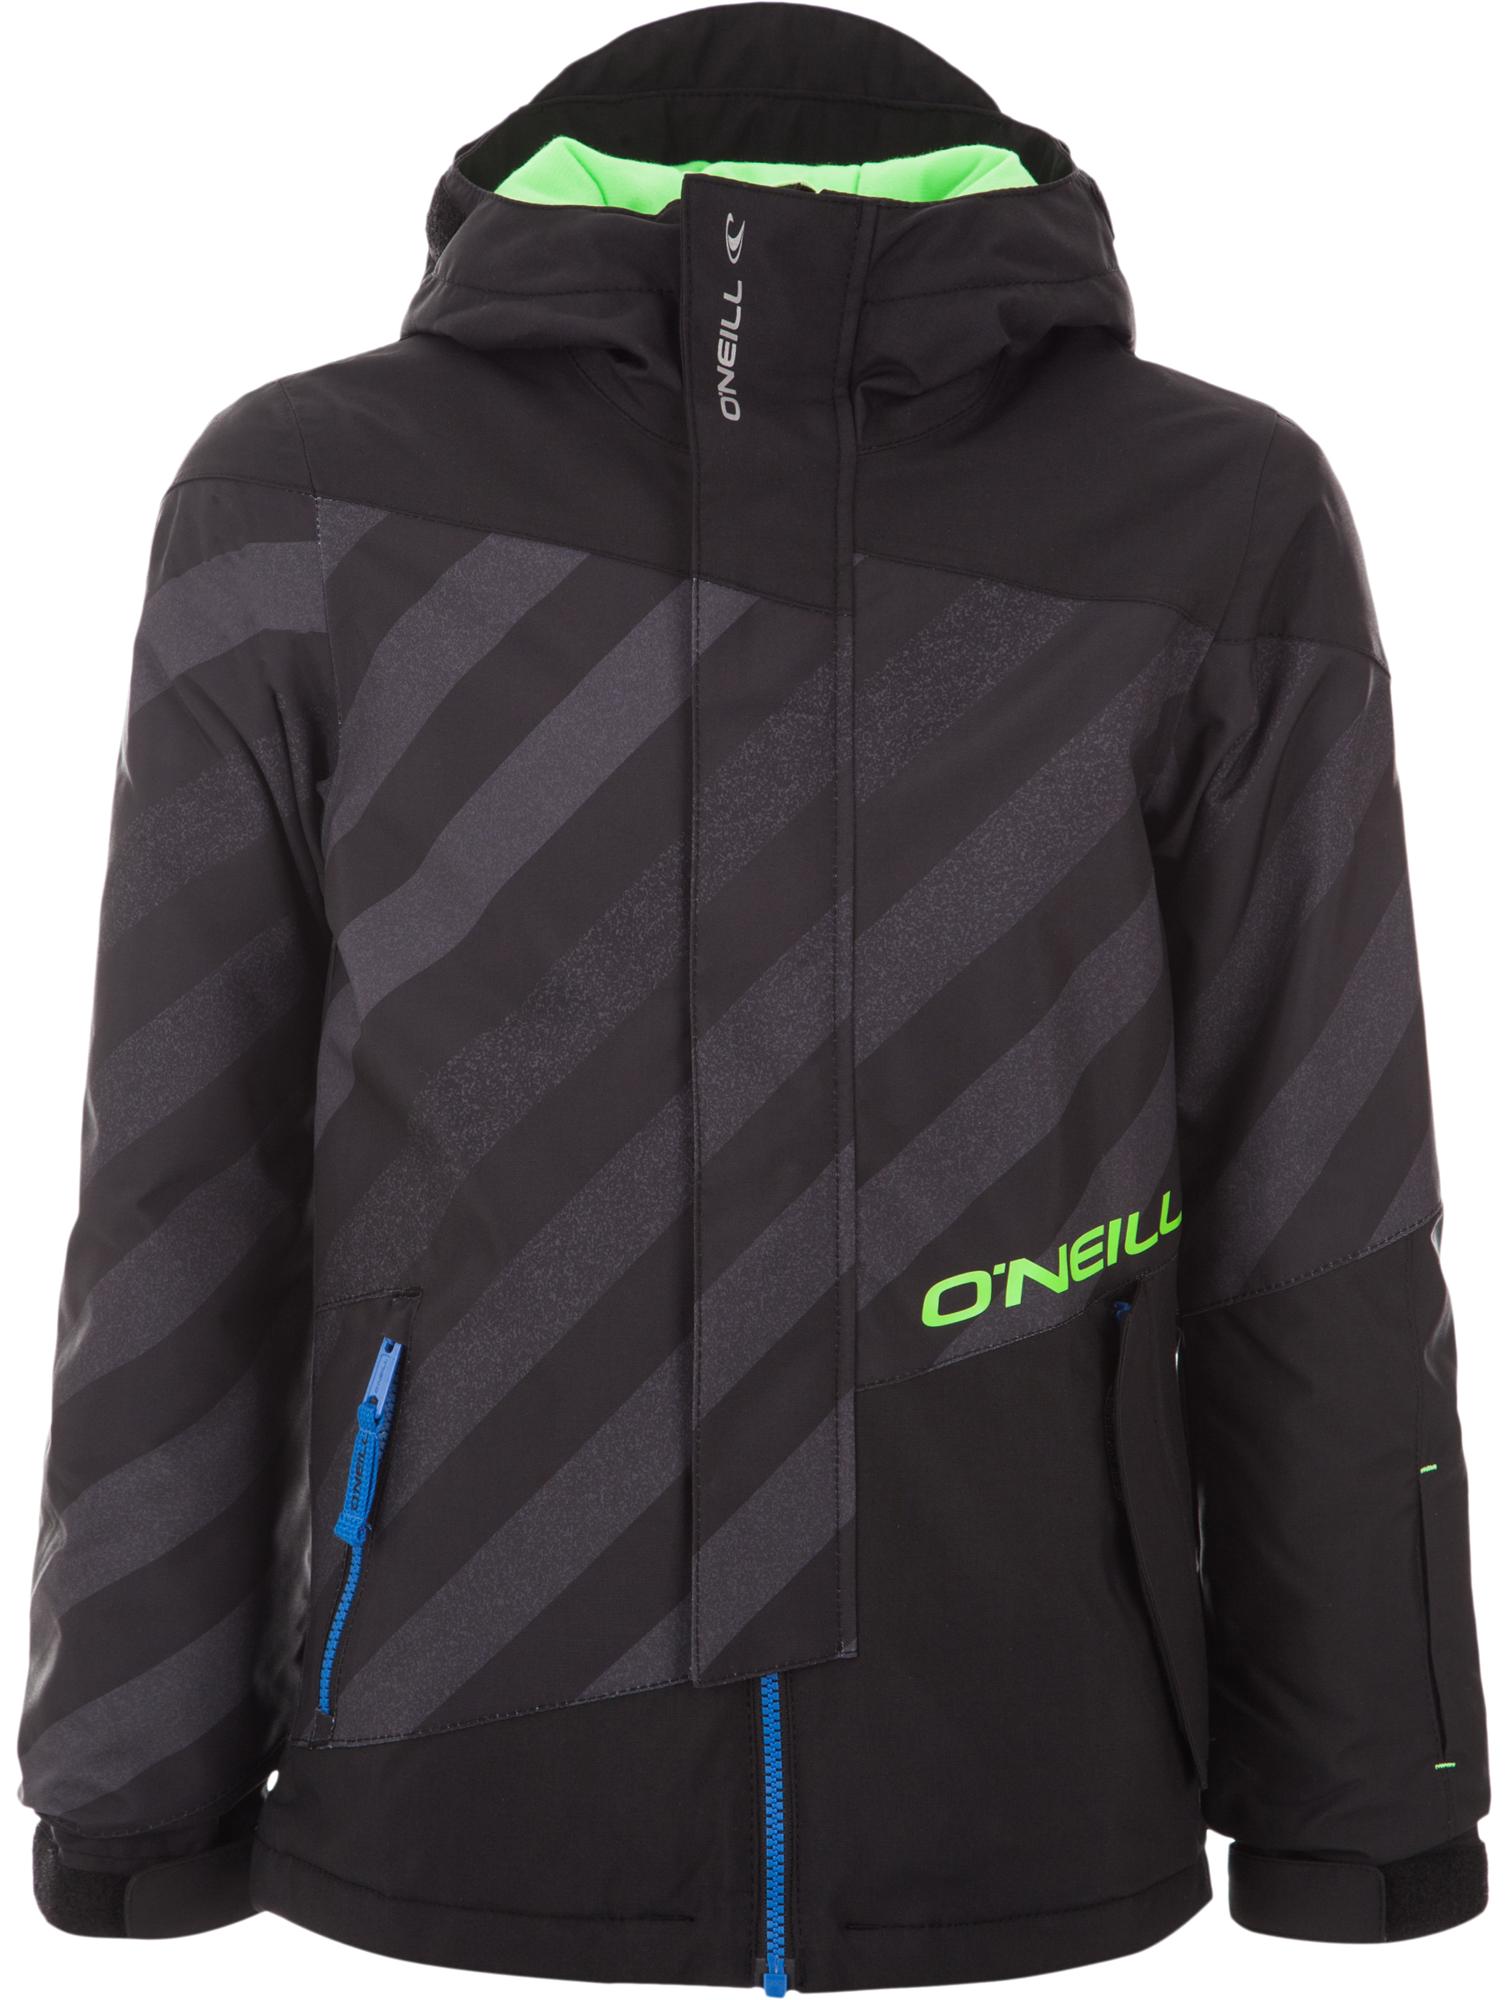 O'Neill Куртка утепленная для мальчиков O'Neill Thunder o neill шлепанцы для мальчиков o neill